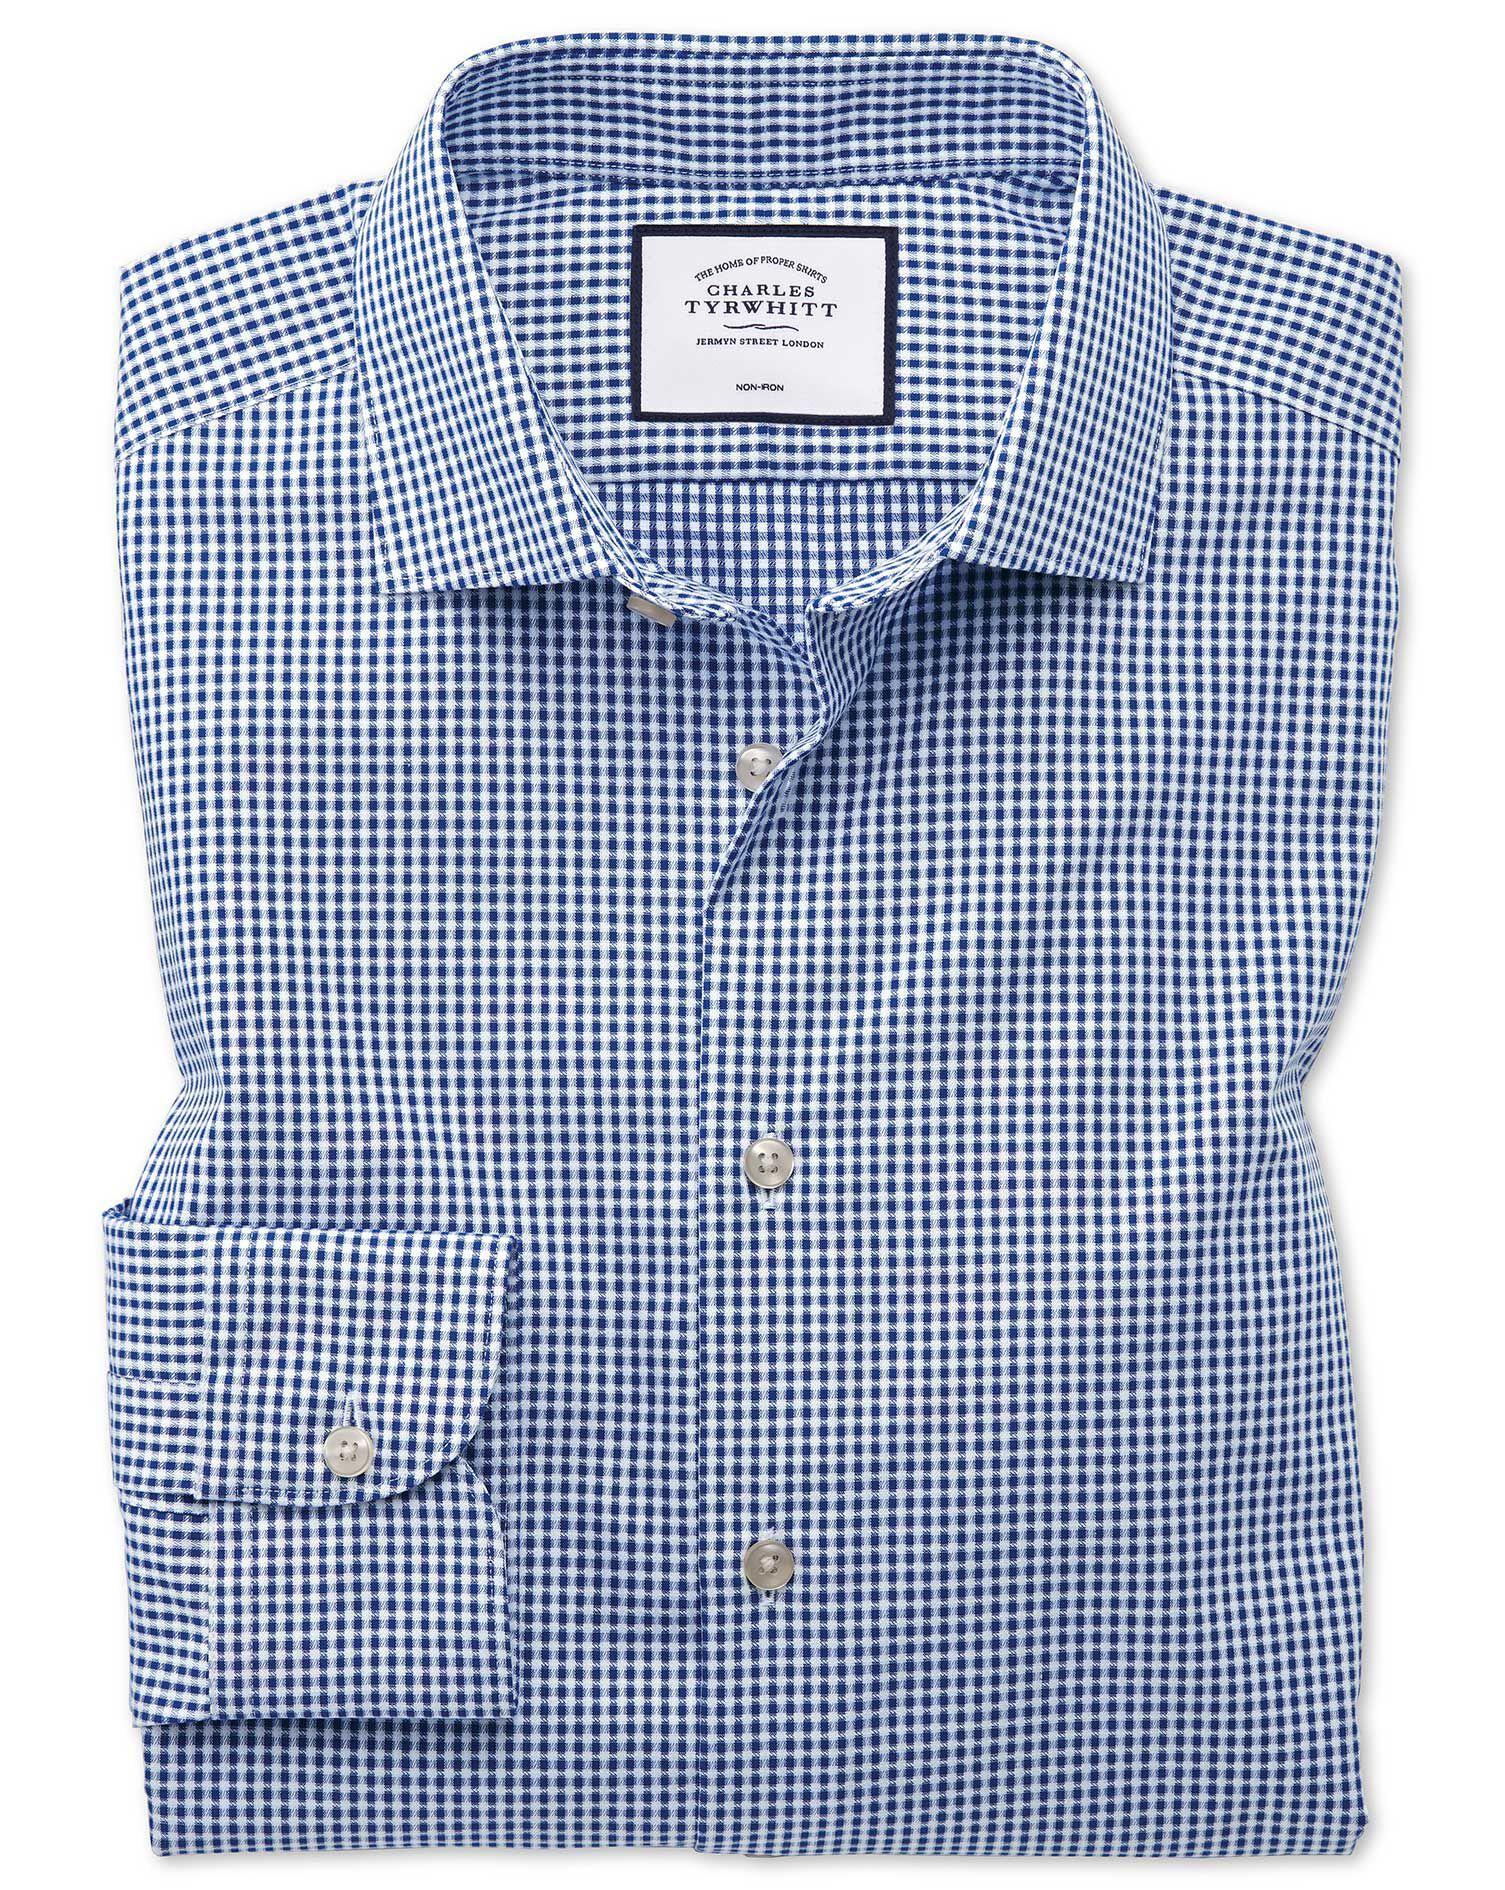 Chemises Homme Pour Sans Tyrwhitt Modernes Charles Repassage Textures XqFSOwxrX